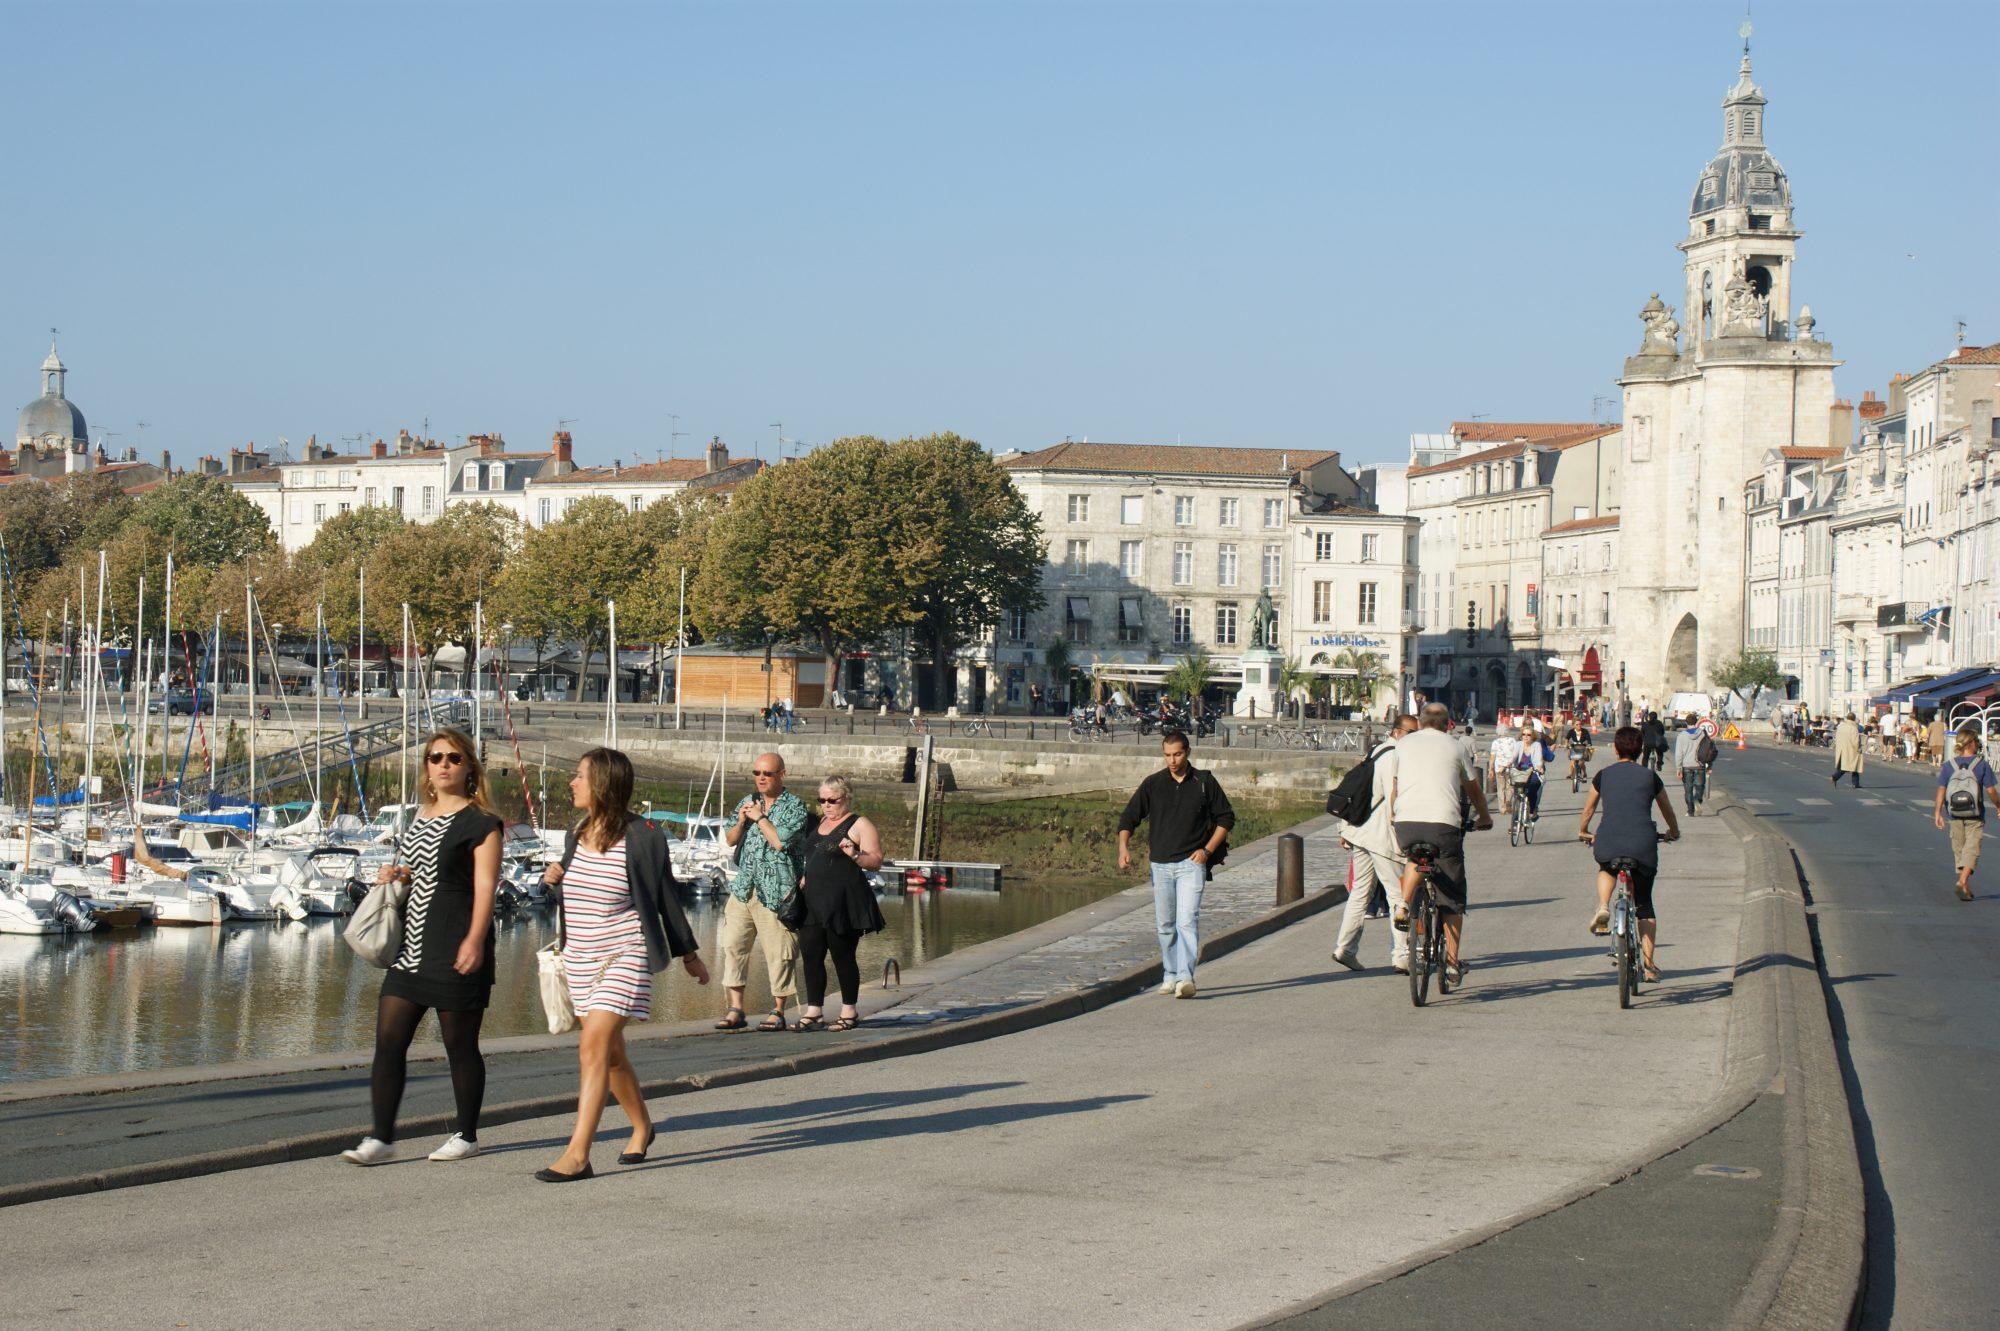 Et Encore 4 Nouvelles Bonnes Idées Pour Sortir À La Rochelle intérieur On Va Sortir La Rochelle